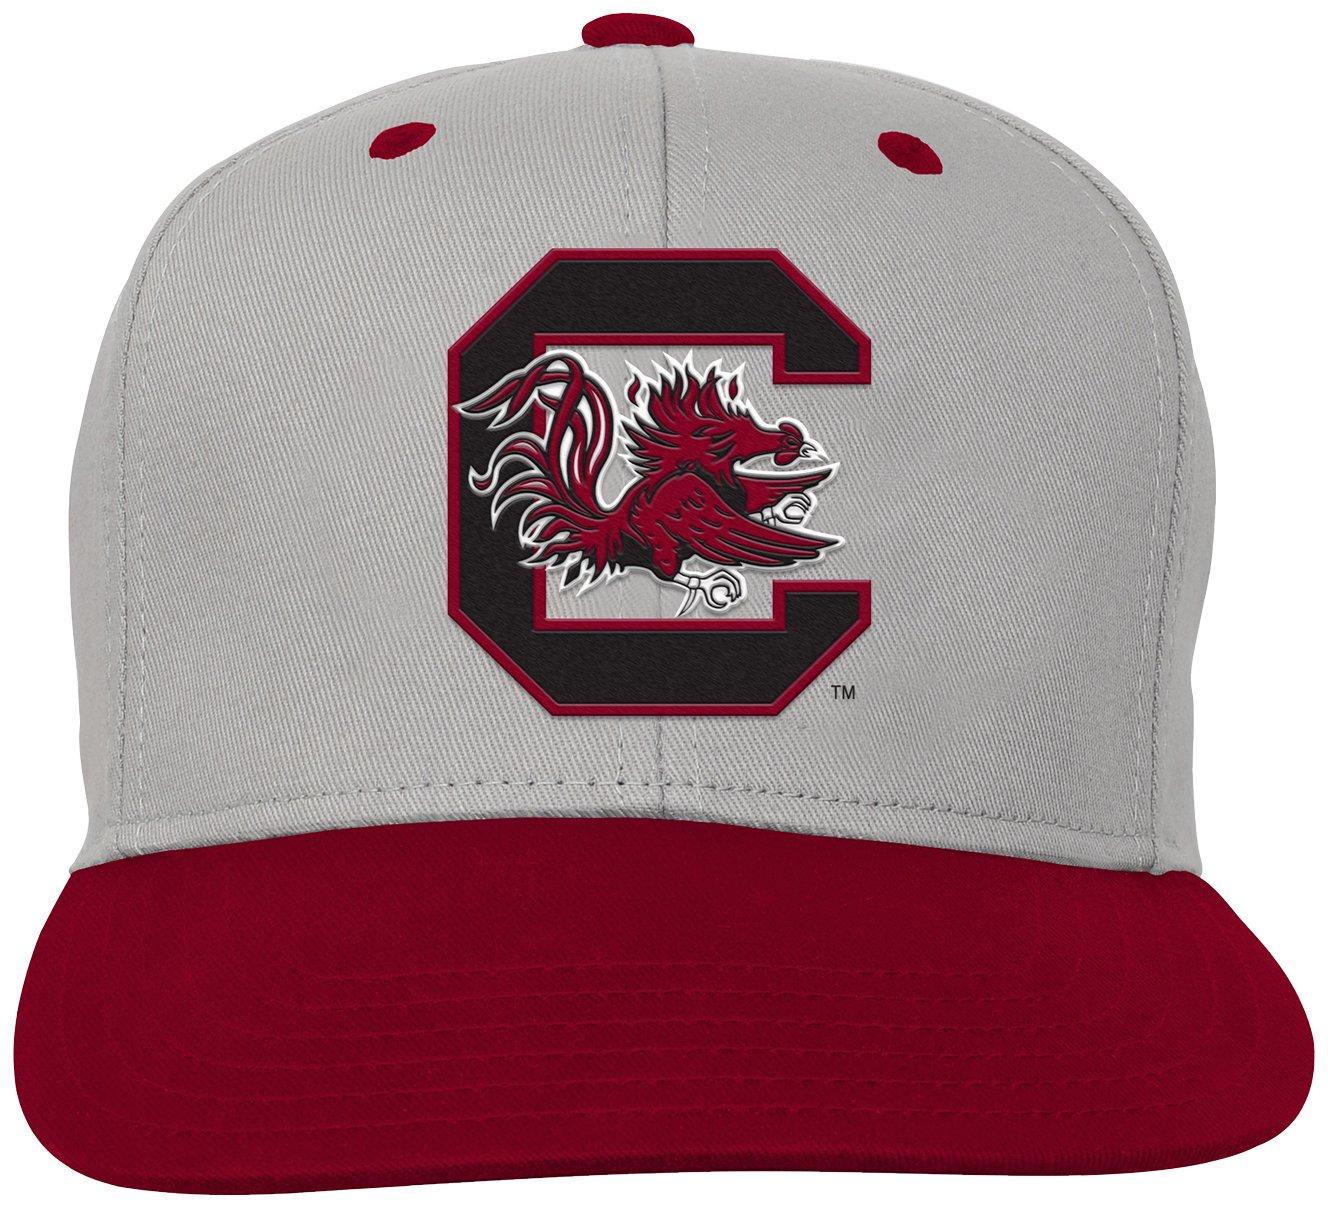 【翌日発送可能】 NCAA Youth Youth B00GOE8ELS Boysグレー2トーンフラットつばスナップバック帽子 グレイ NCAA B00GOE8ELS, 売り切れ必至!:f23228ea --- a0267596.xsph.ru